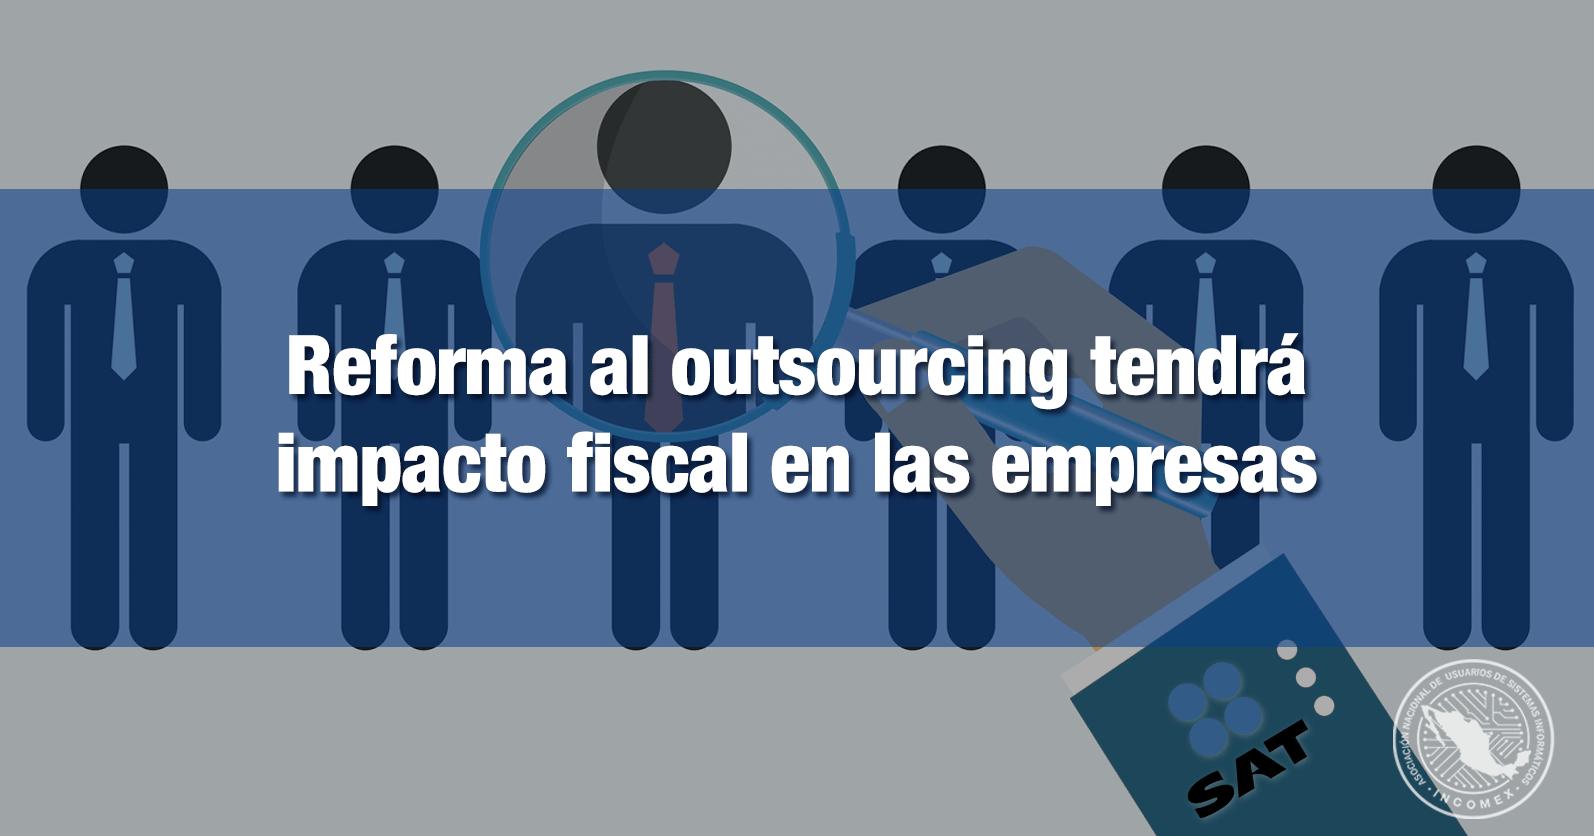 Reforma al outsourcing tendrá impacto fiscal en las empresas